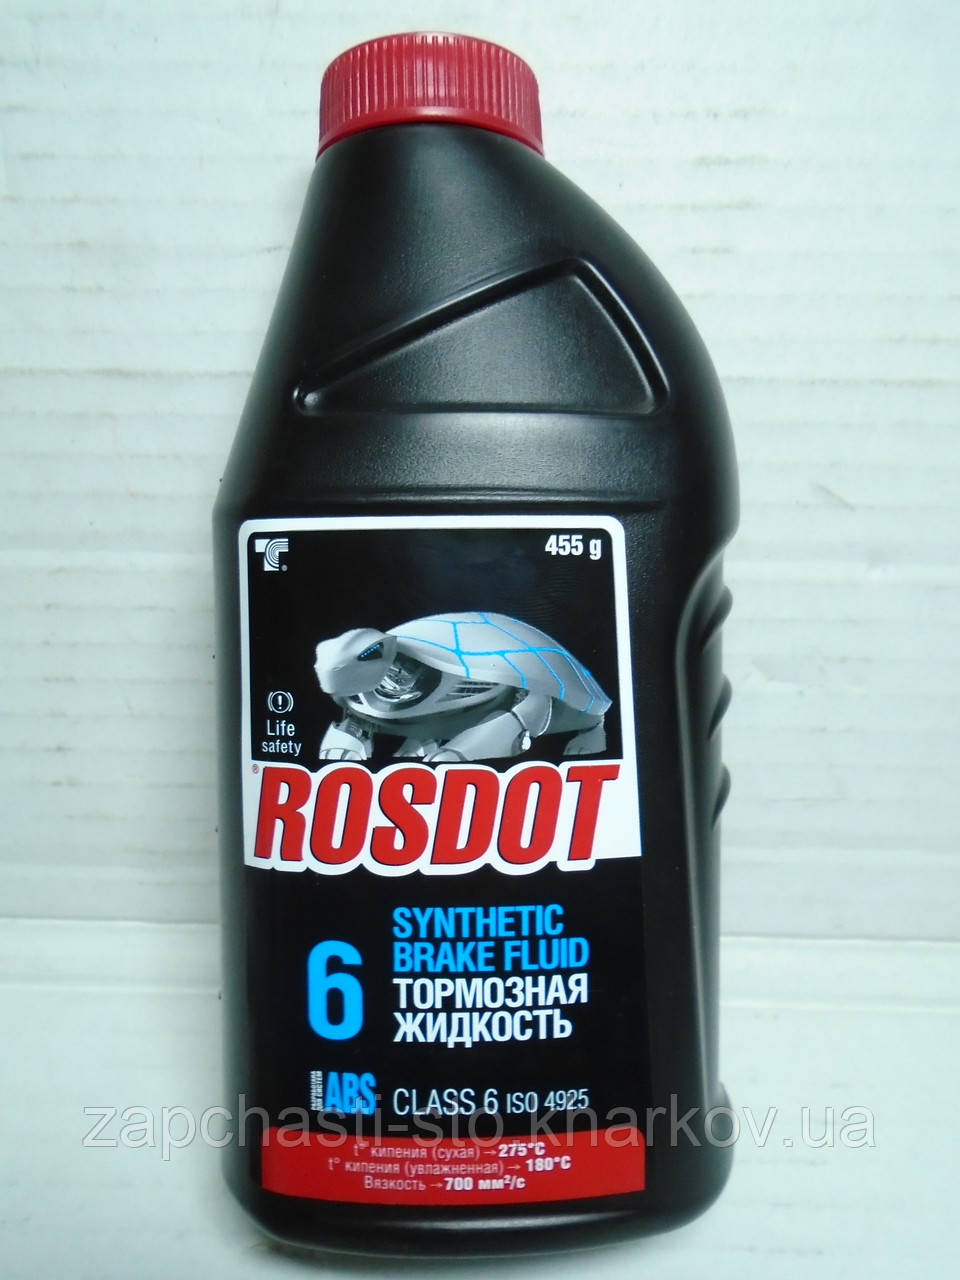 Тормозная жидкость Ros Dot 6 ABS синтетика 455г